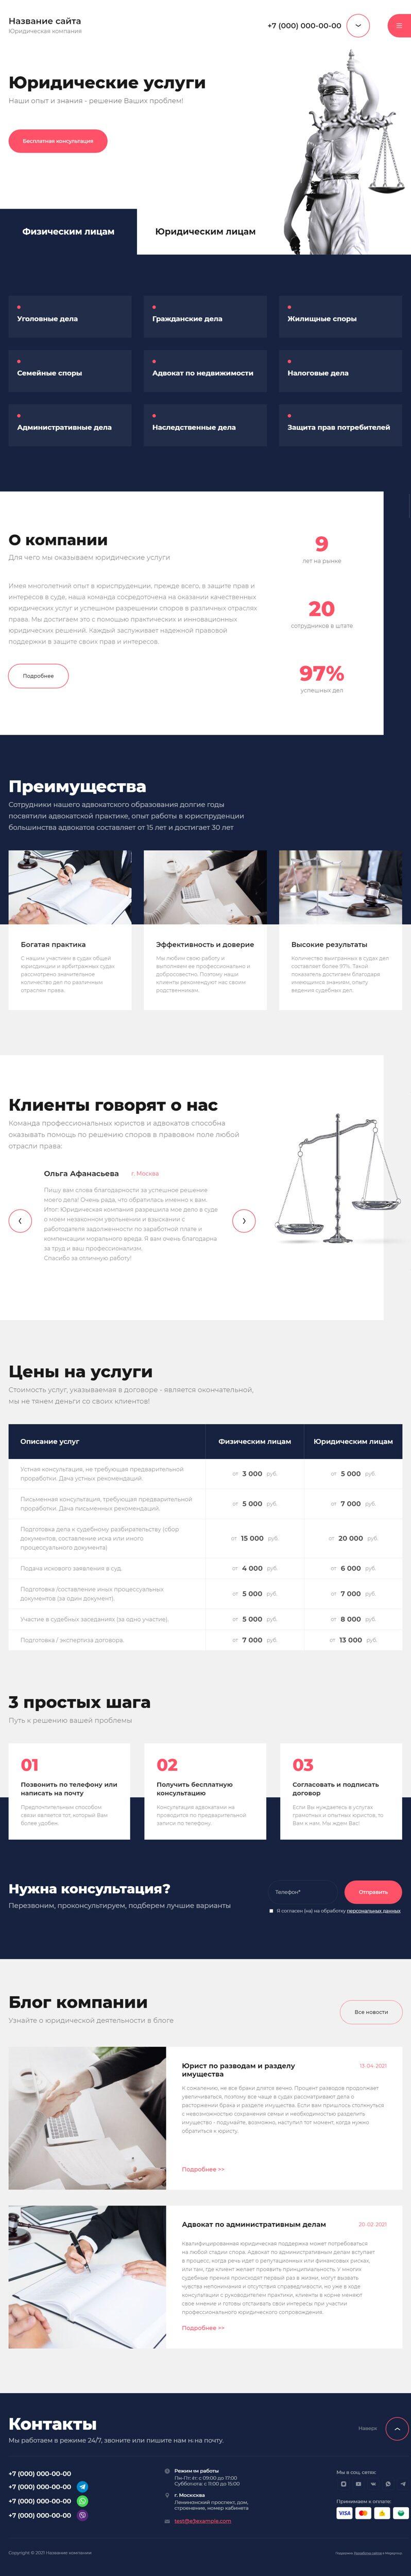 Готовый Сайт-Бизнес #3048740 - Юридические и адвокатские услуги (Главная)